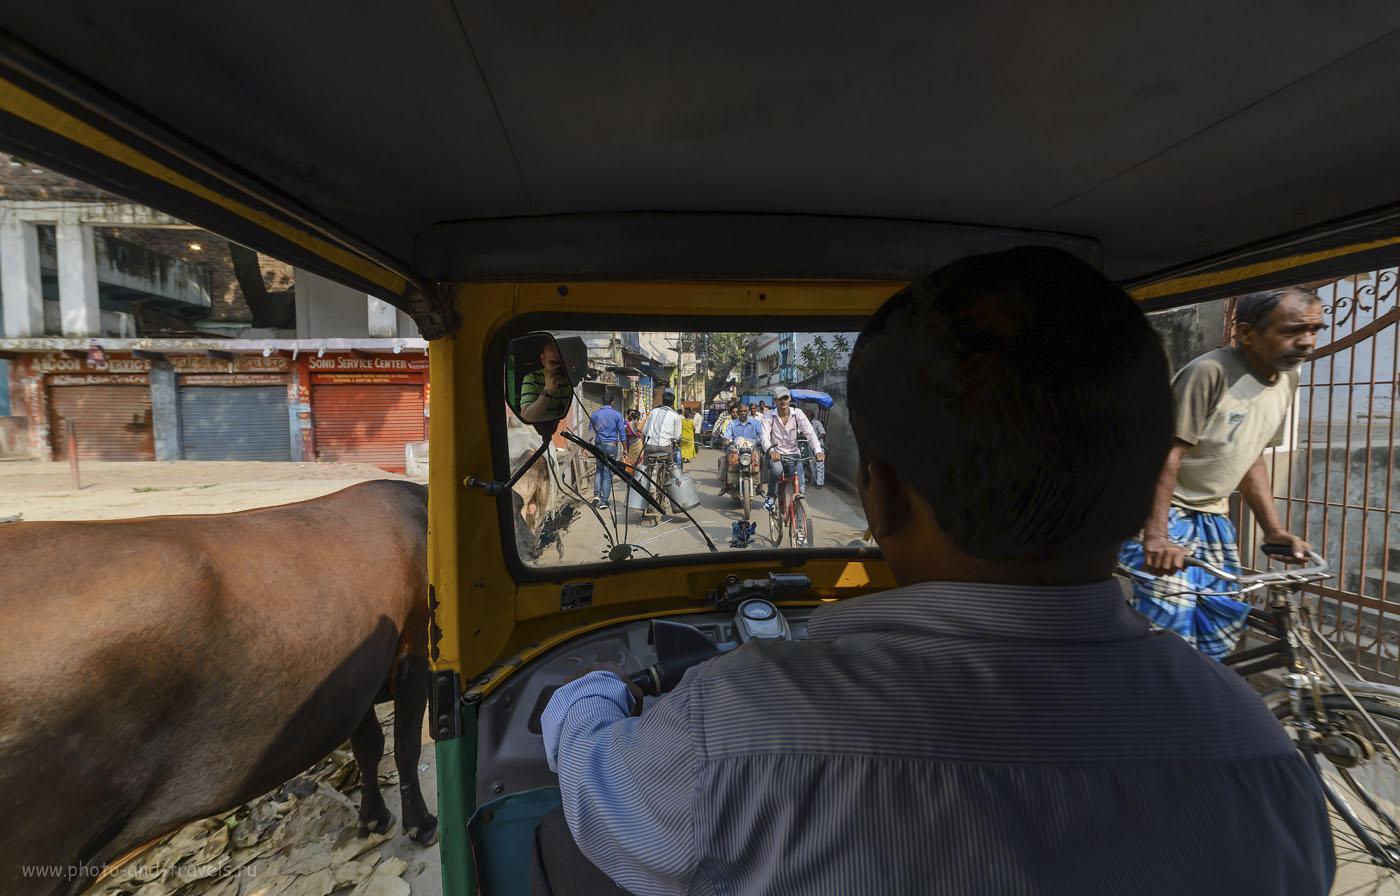 Фото 8. Туры в Индию. Отзыв о самостоятельном путешествии. На улицах Варанаси – вся страна в одном кадре. (камера Nikon D610, объектив Samyang 14/2.8, параметры съемки: 1/400, -1.33 EV, 7.1, 320, 14)